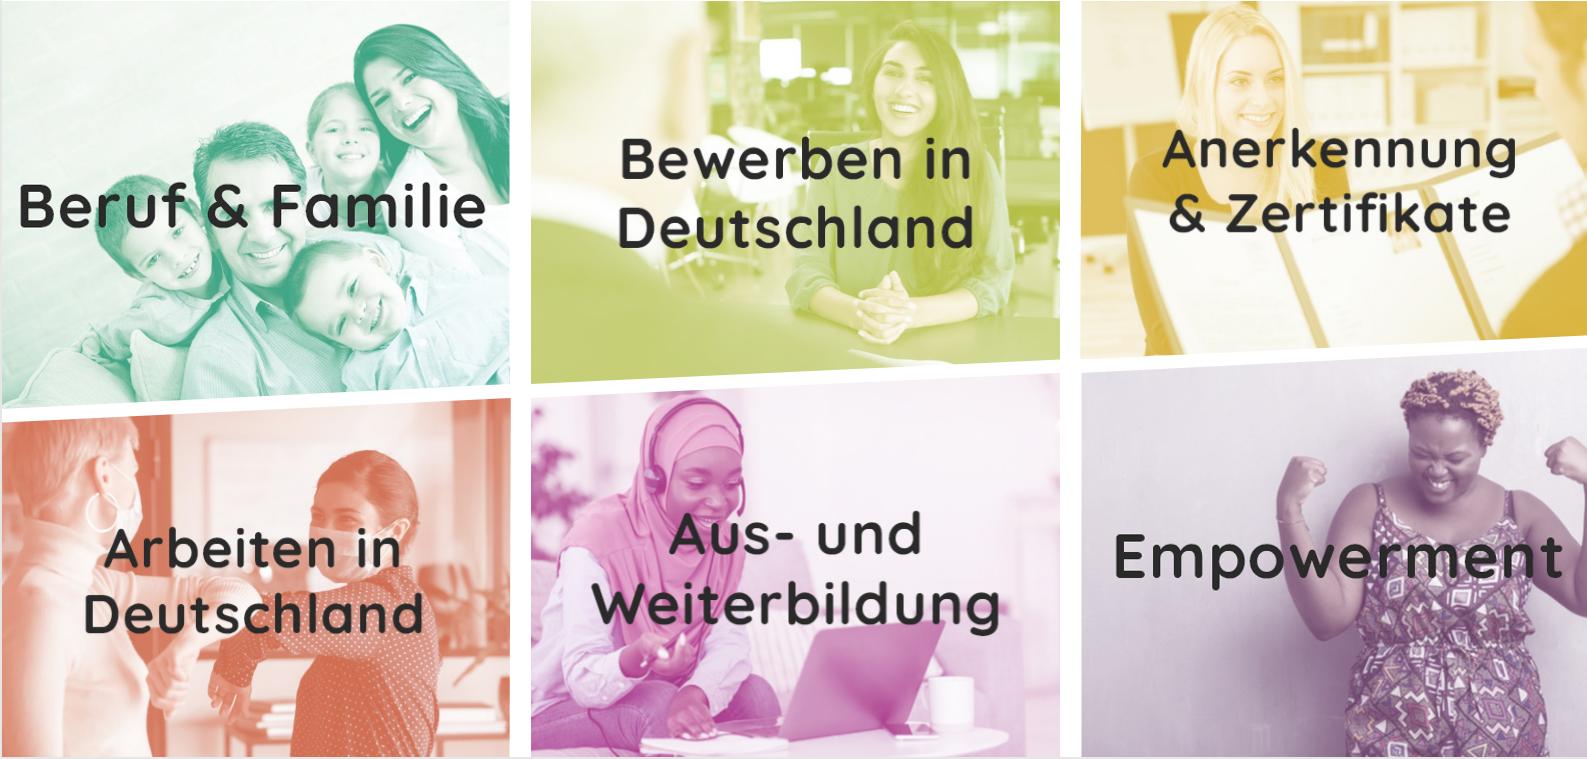 1. Berufsbildungswoche für zugewanderte Frauen